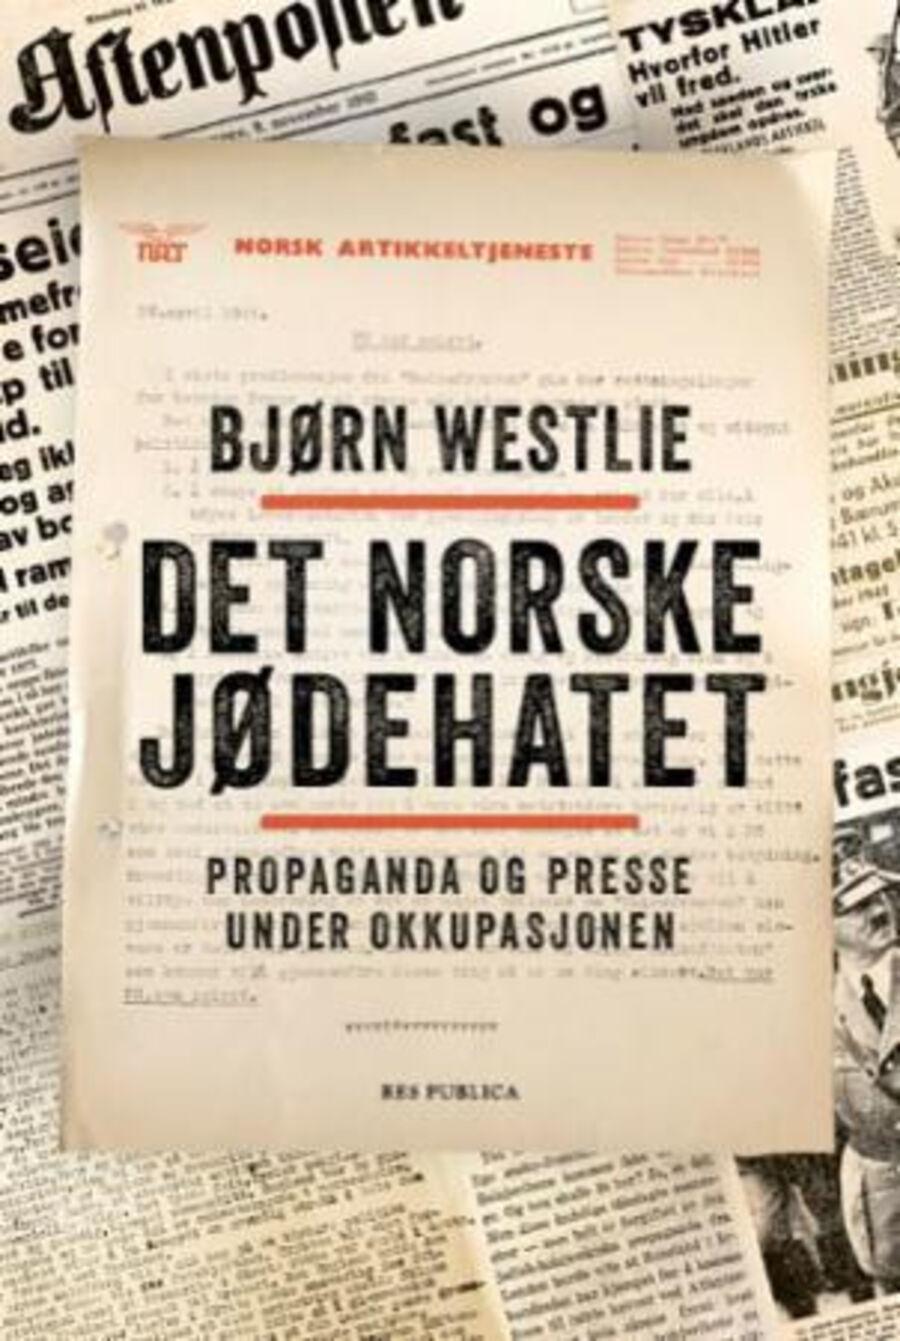 Boktips Det norske jødehatet Bjørn Westlie